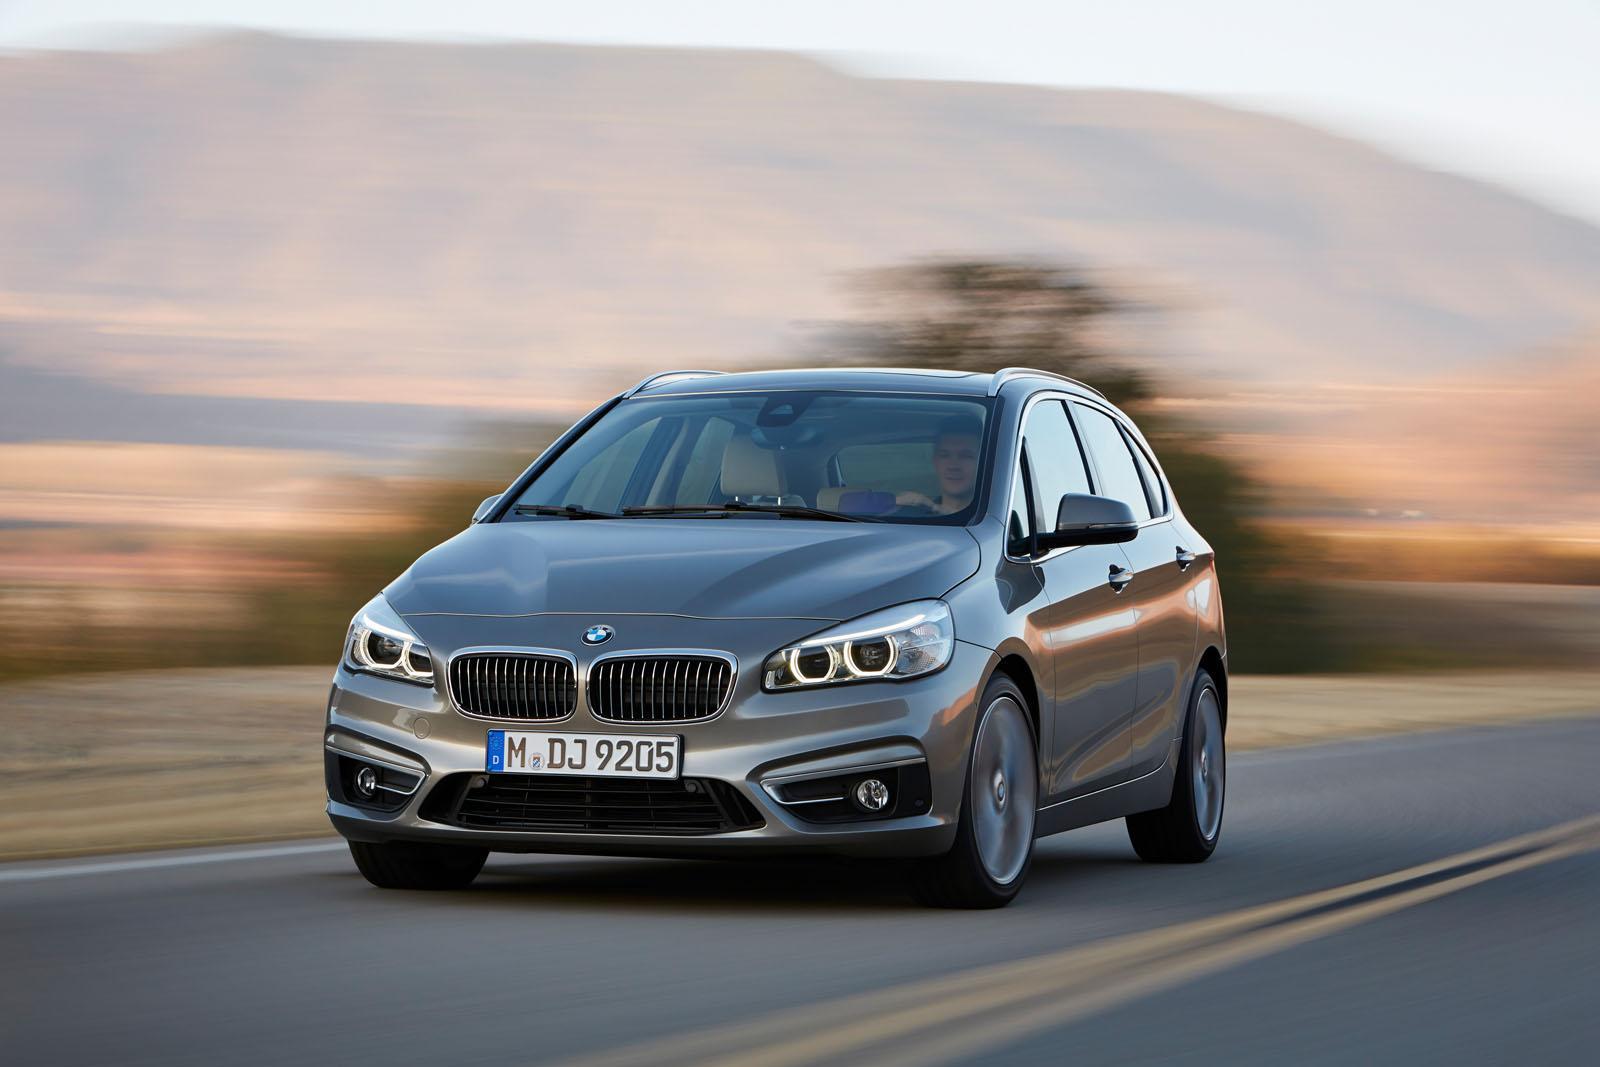 BMW 2 Series Active Tourer press shots profile